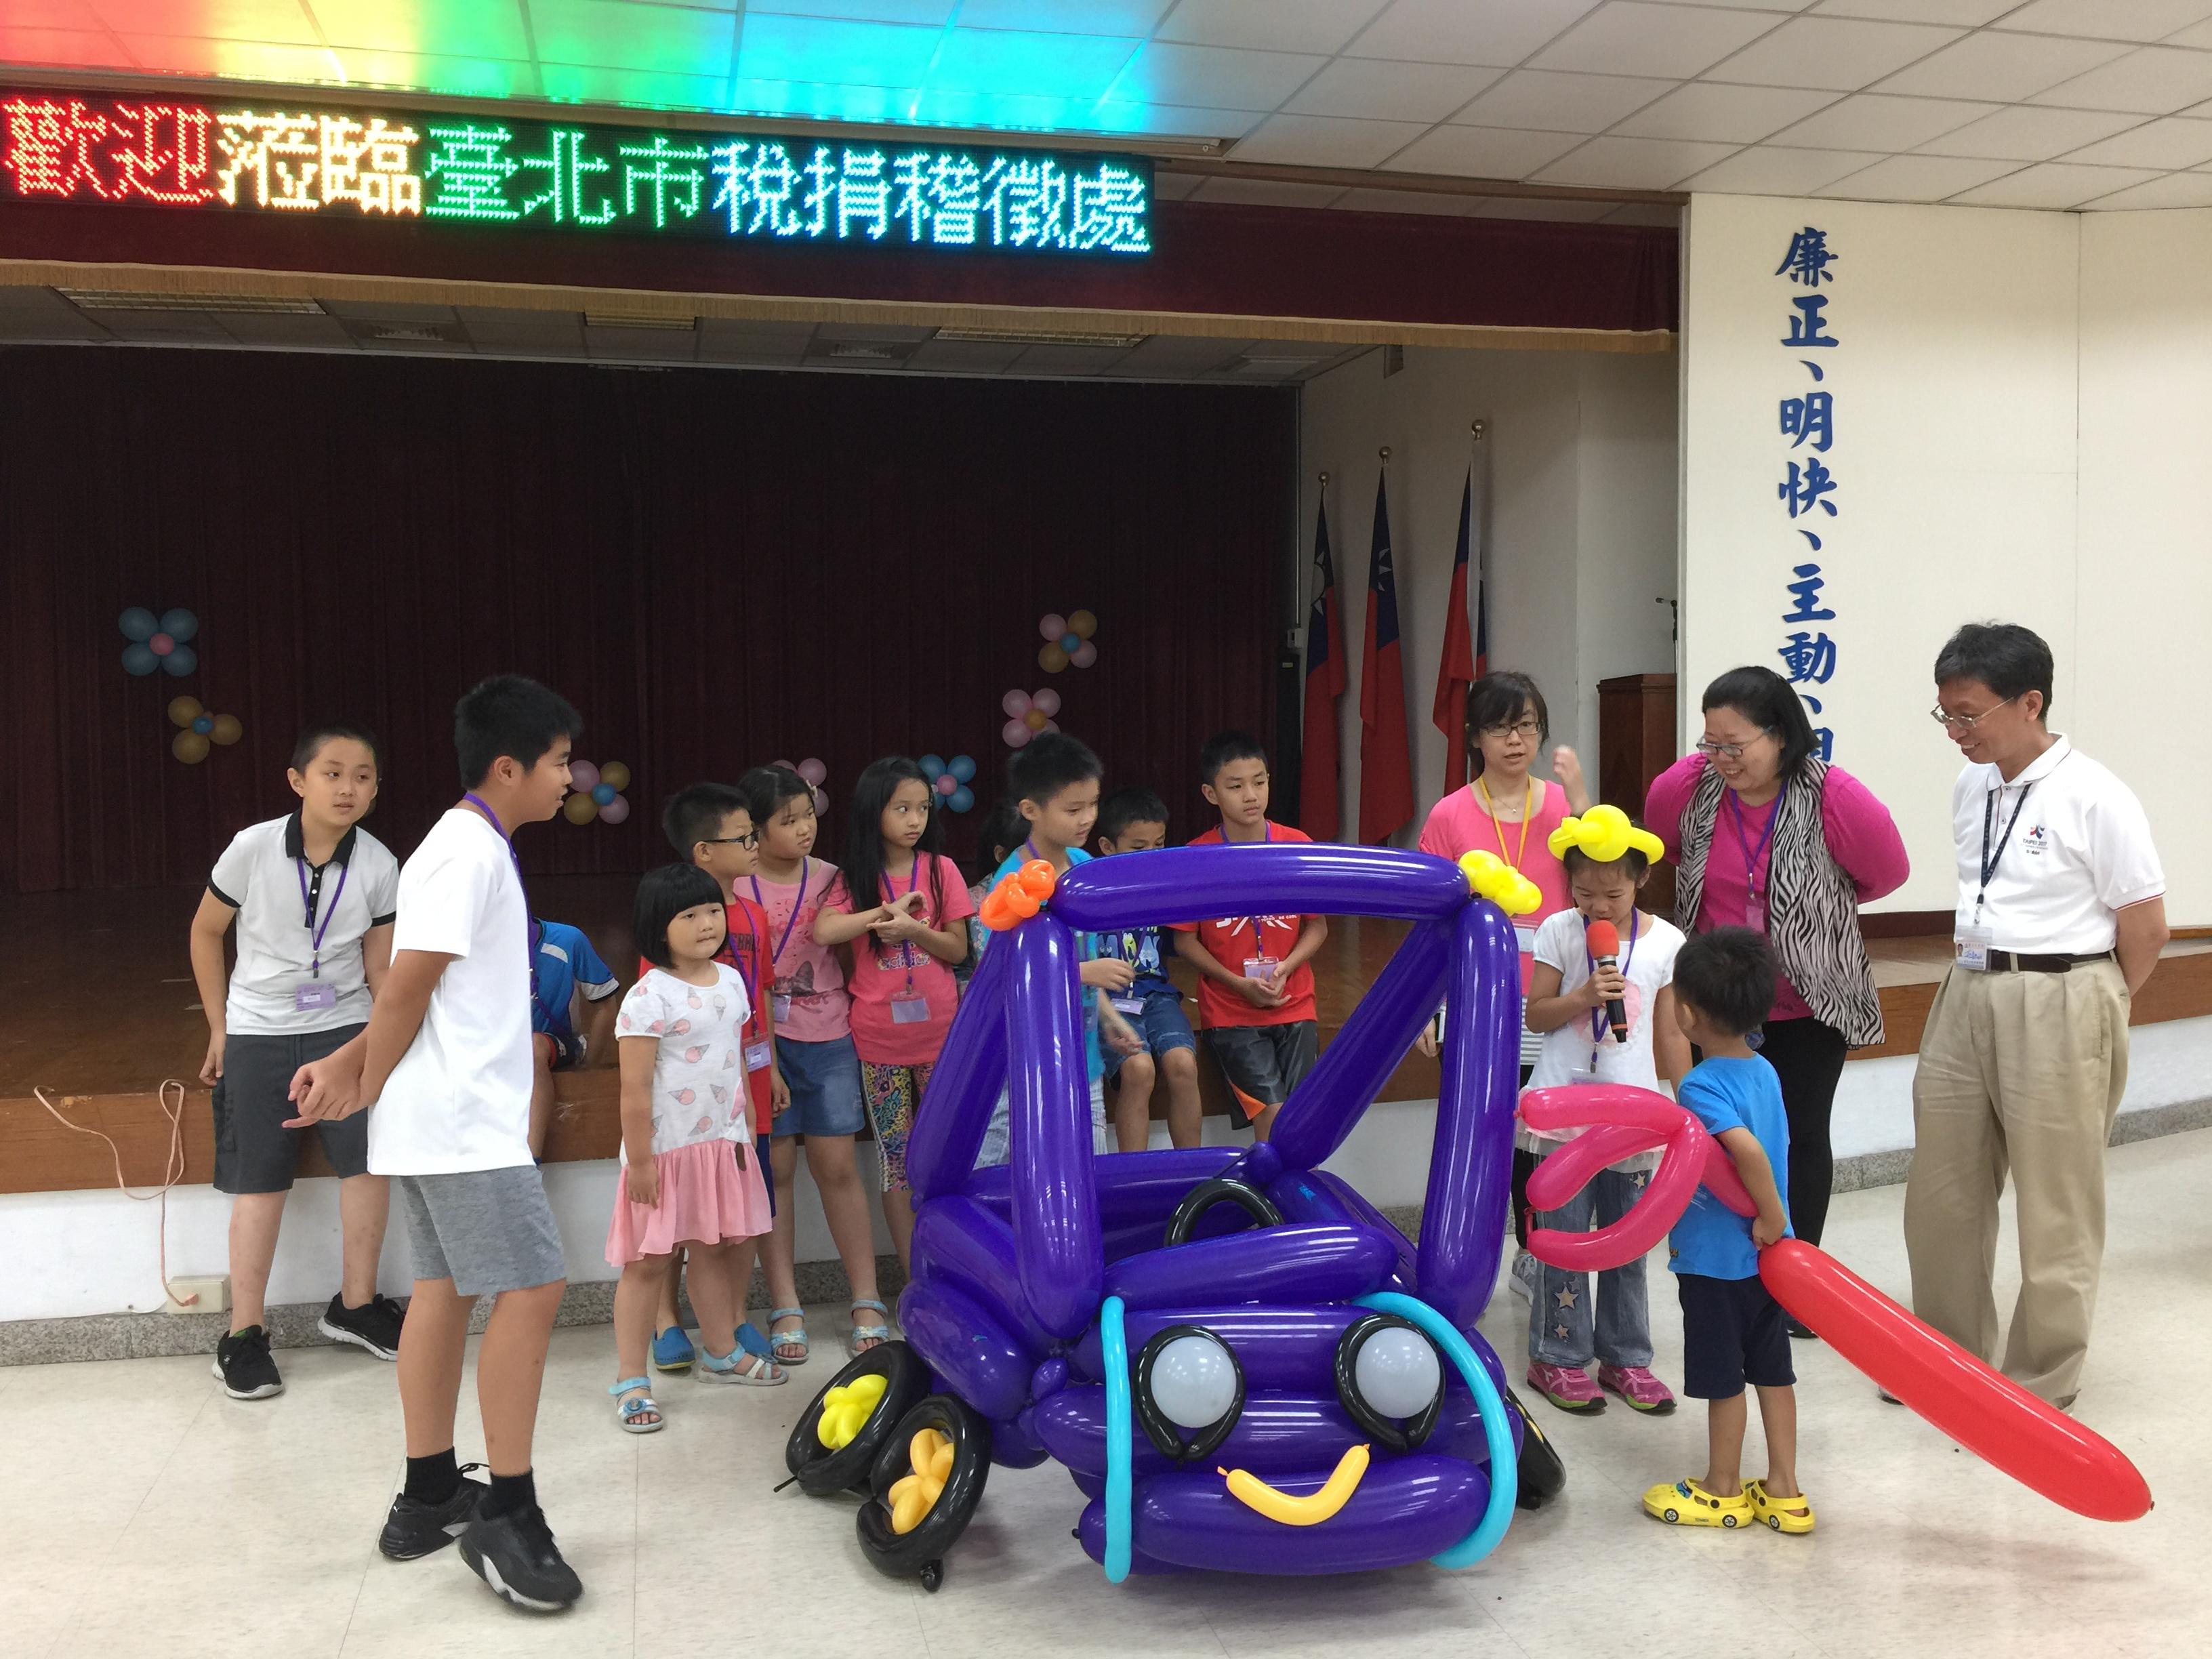 106Fun租稅Fun氣球活動照片24紫隊學員說明創作理念